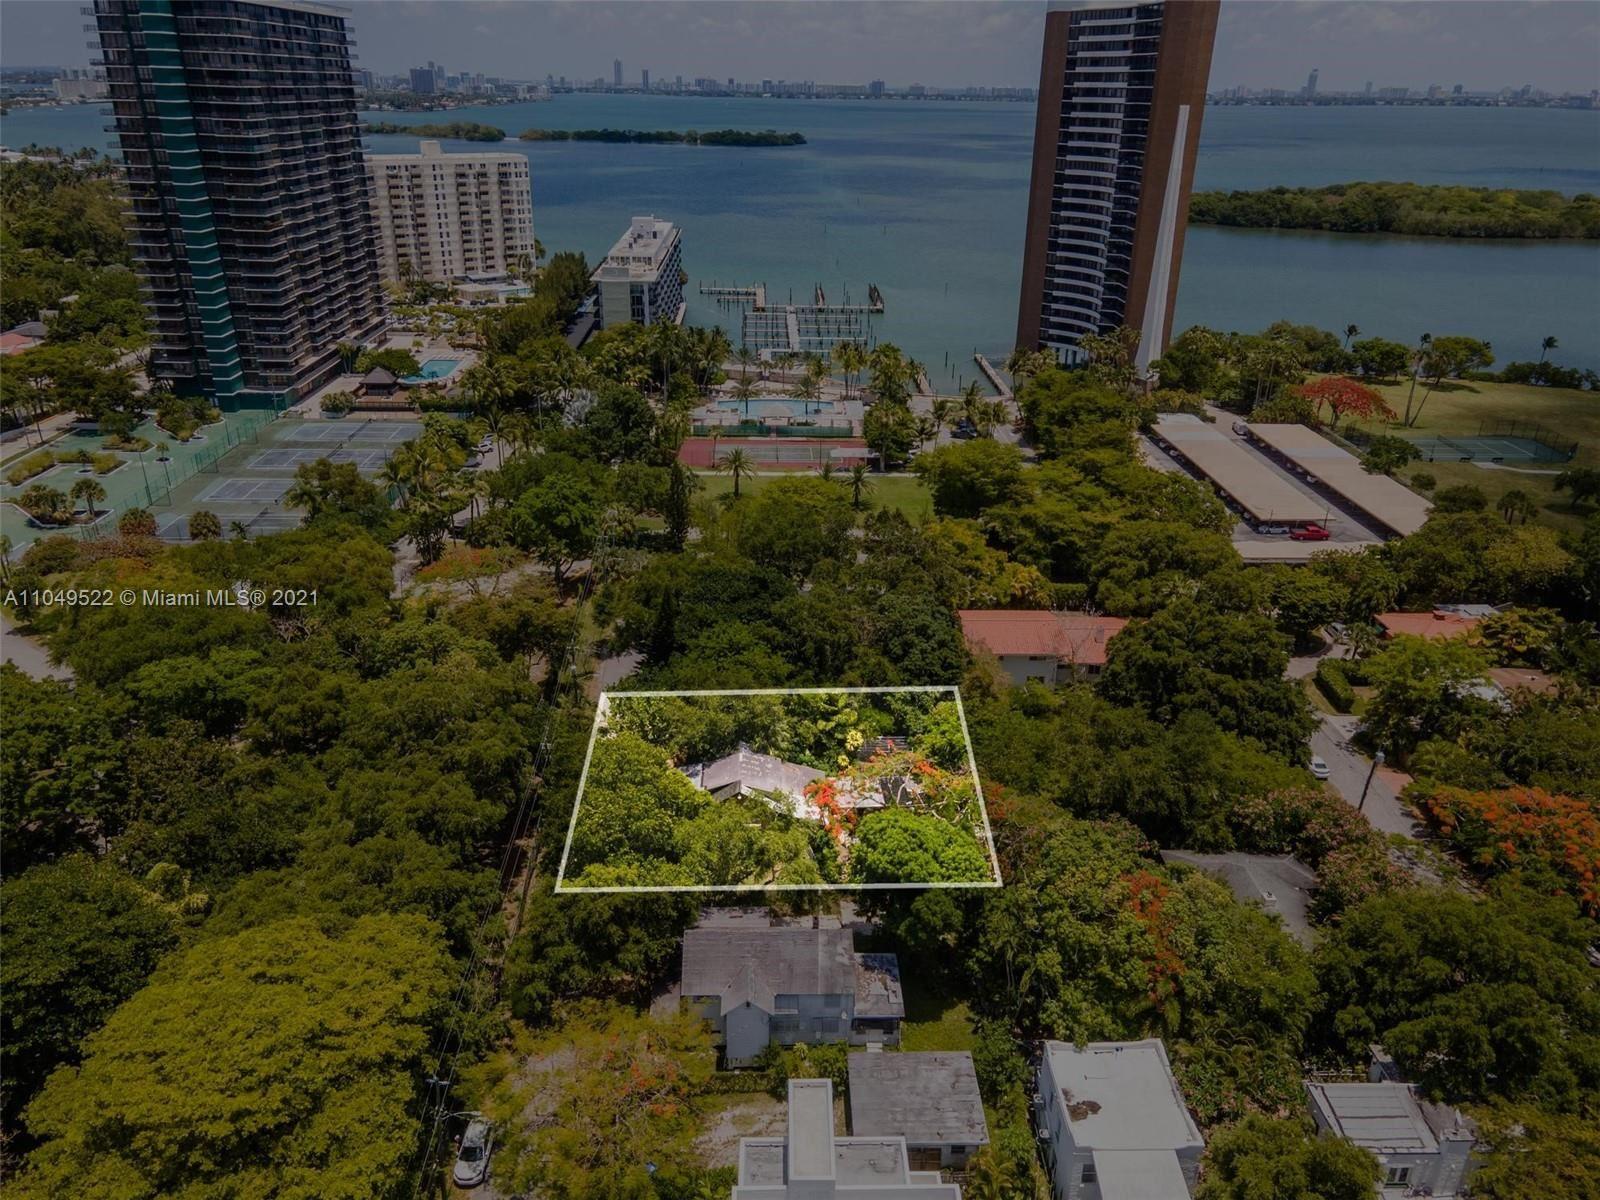 720 NE 68th St, Miami, FL 33138 - #: A11049522